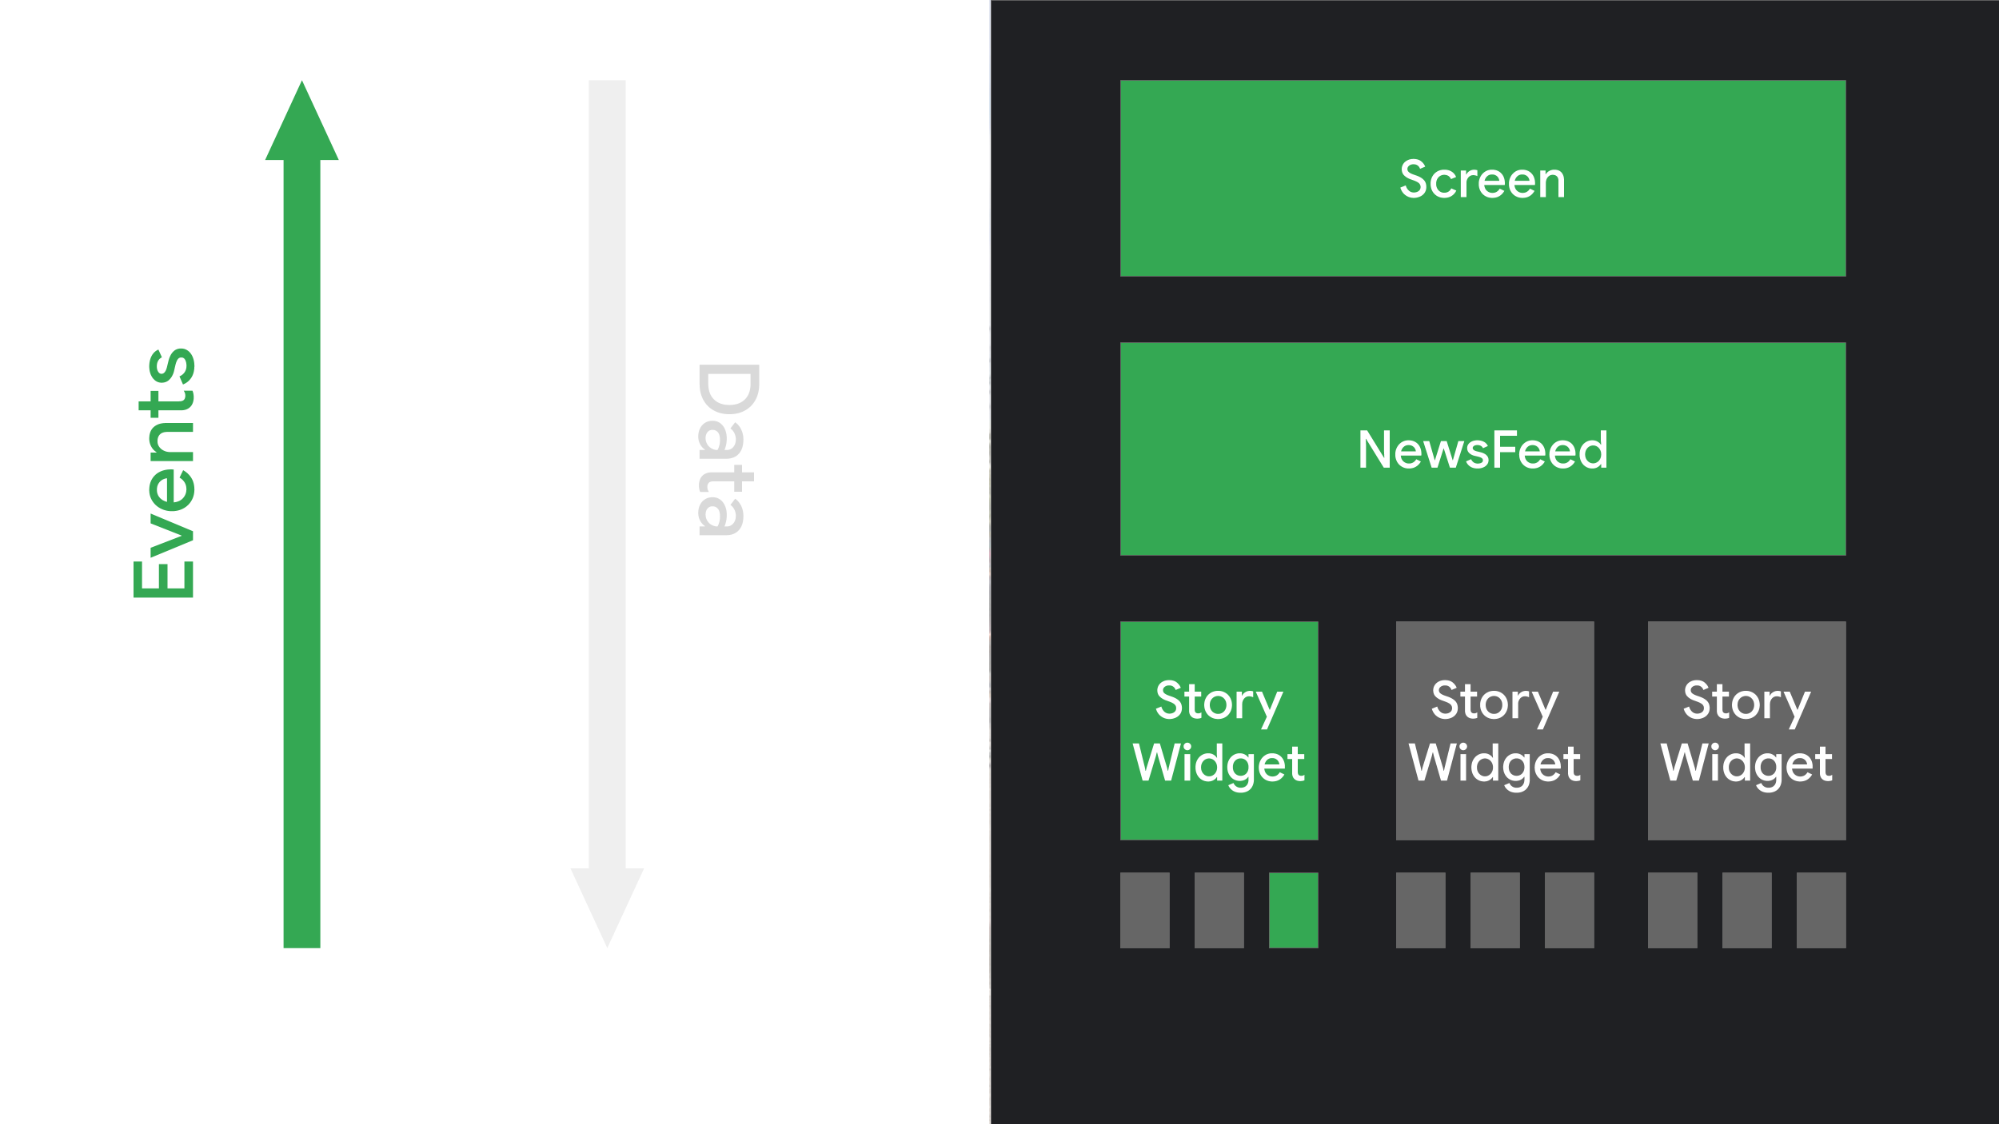 앱 로직에 의해 처리되는 이벤트를 트리거하여 UI 요소가 상호작용에 어떻게 응답하는지 보여주는 그림